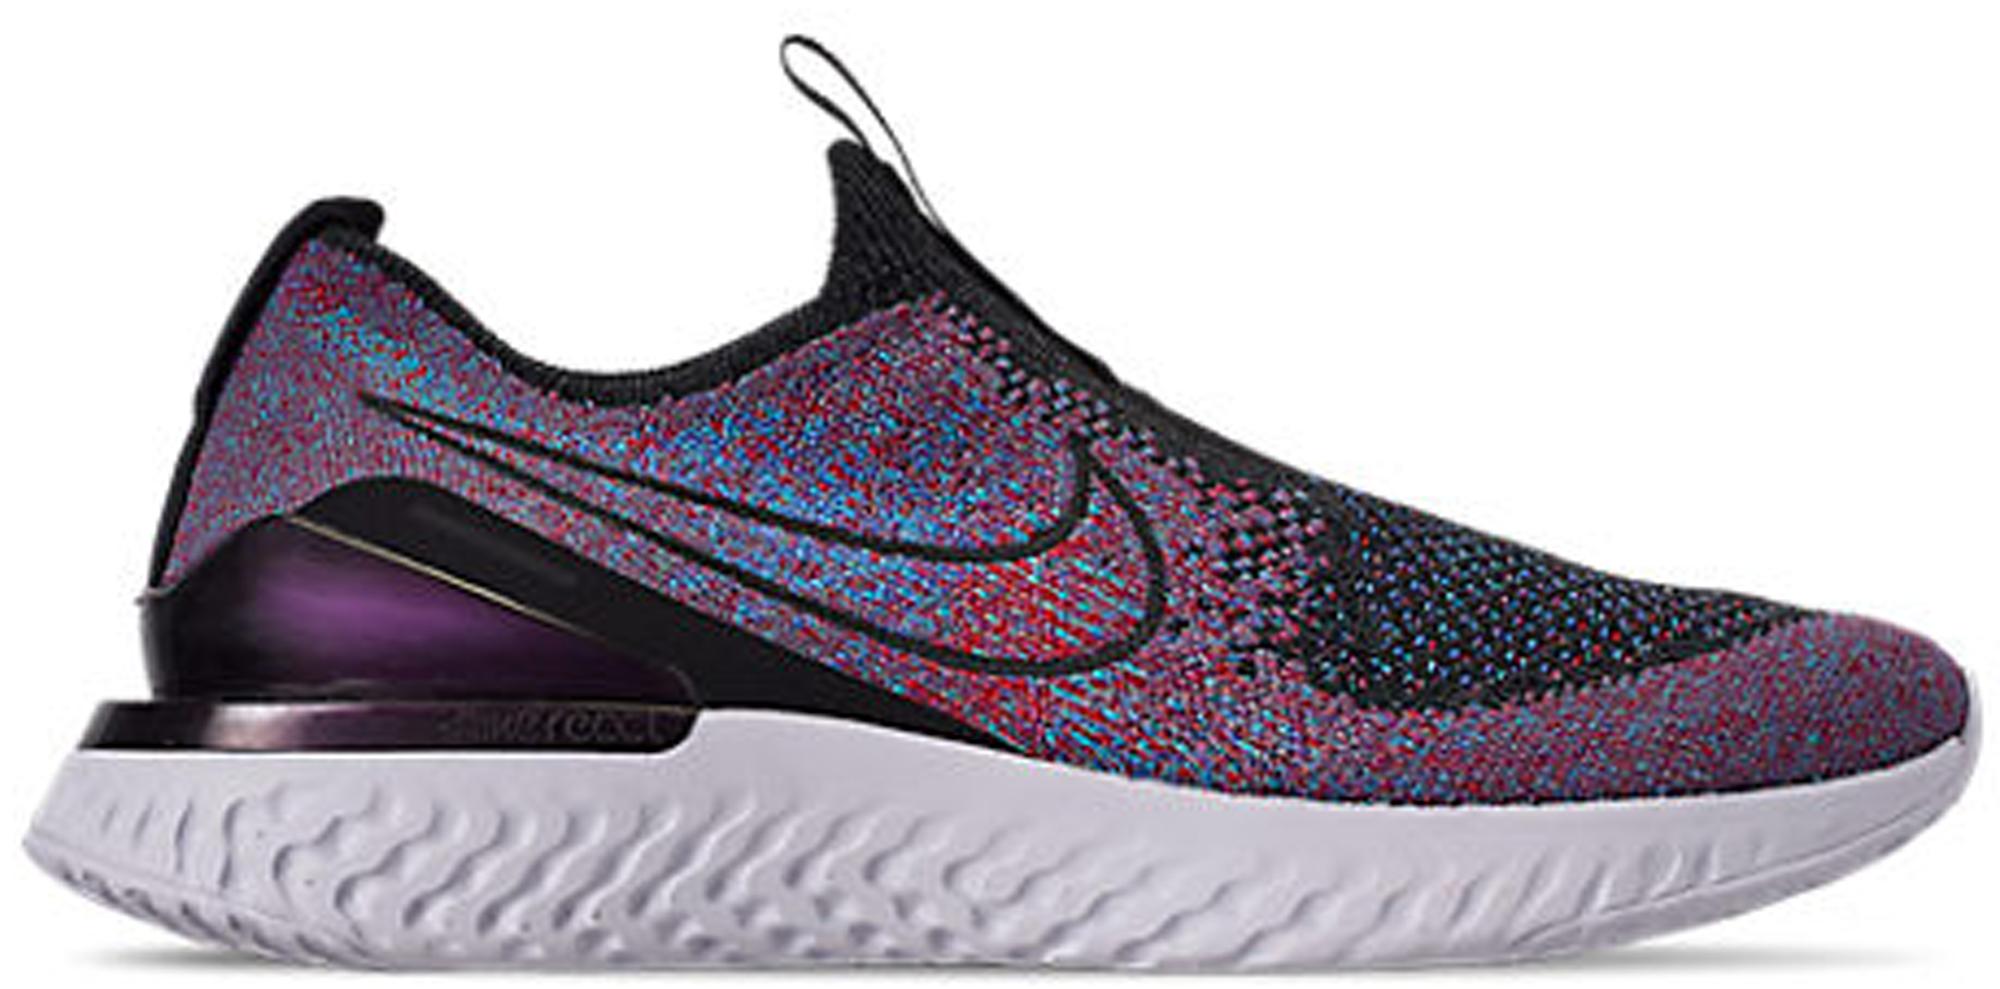 Nike Epic React Moc Flyknit Black